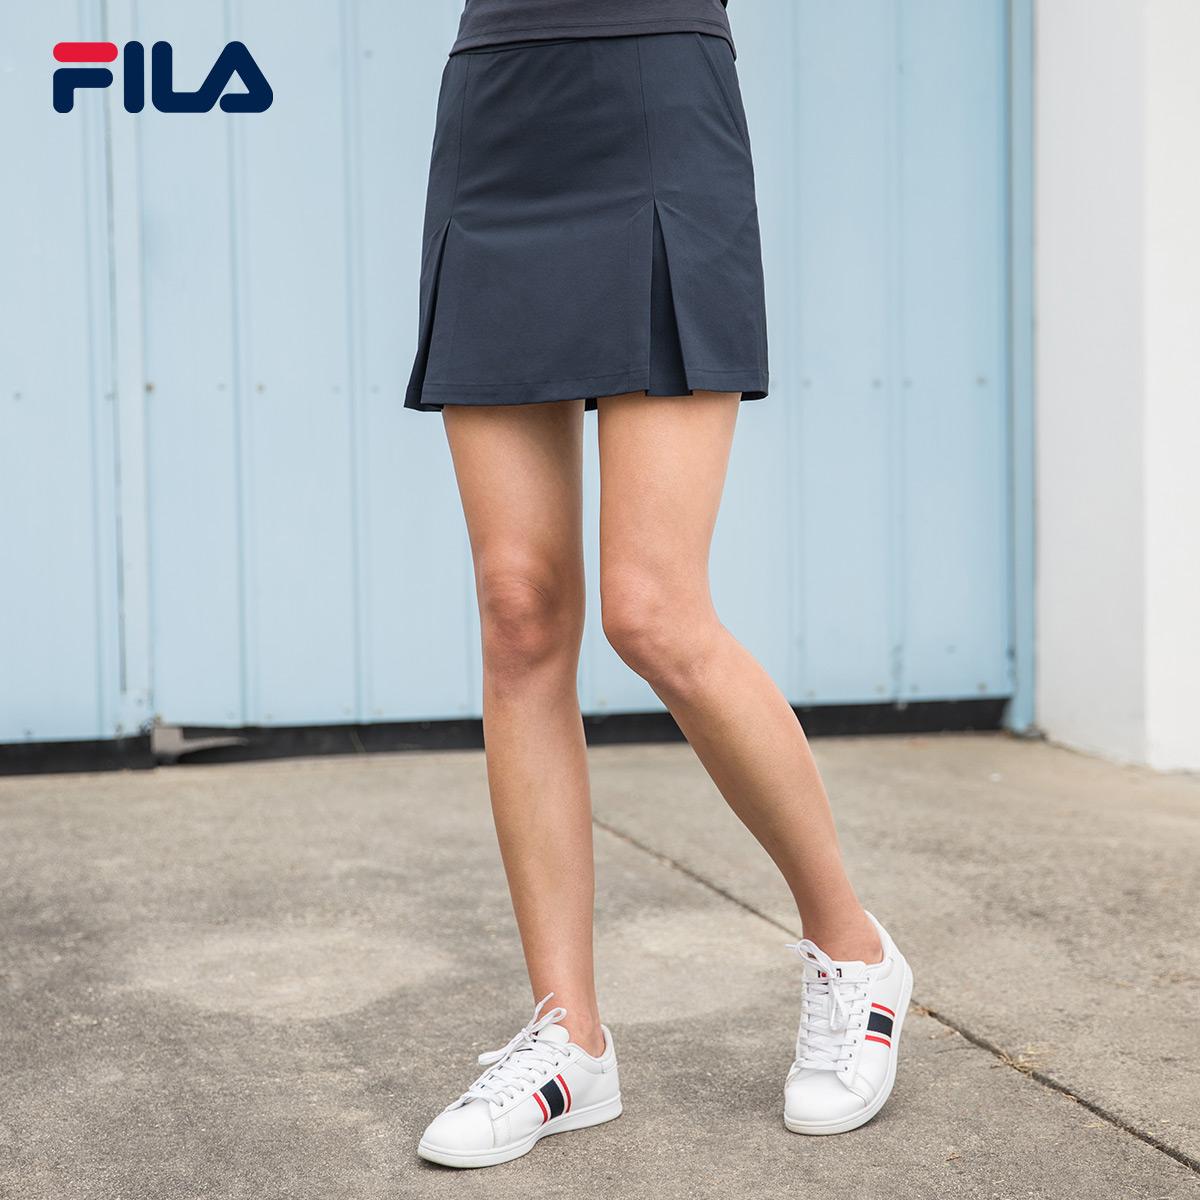 FILA Fila váy 2018 mùa hè mới thoải mái giản dị thể thao váy váy phụ nữ